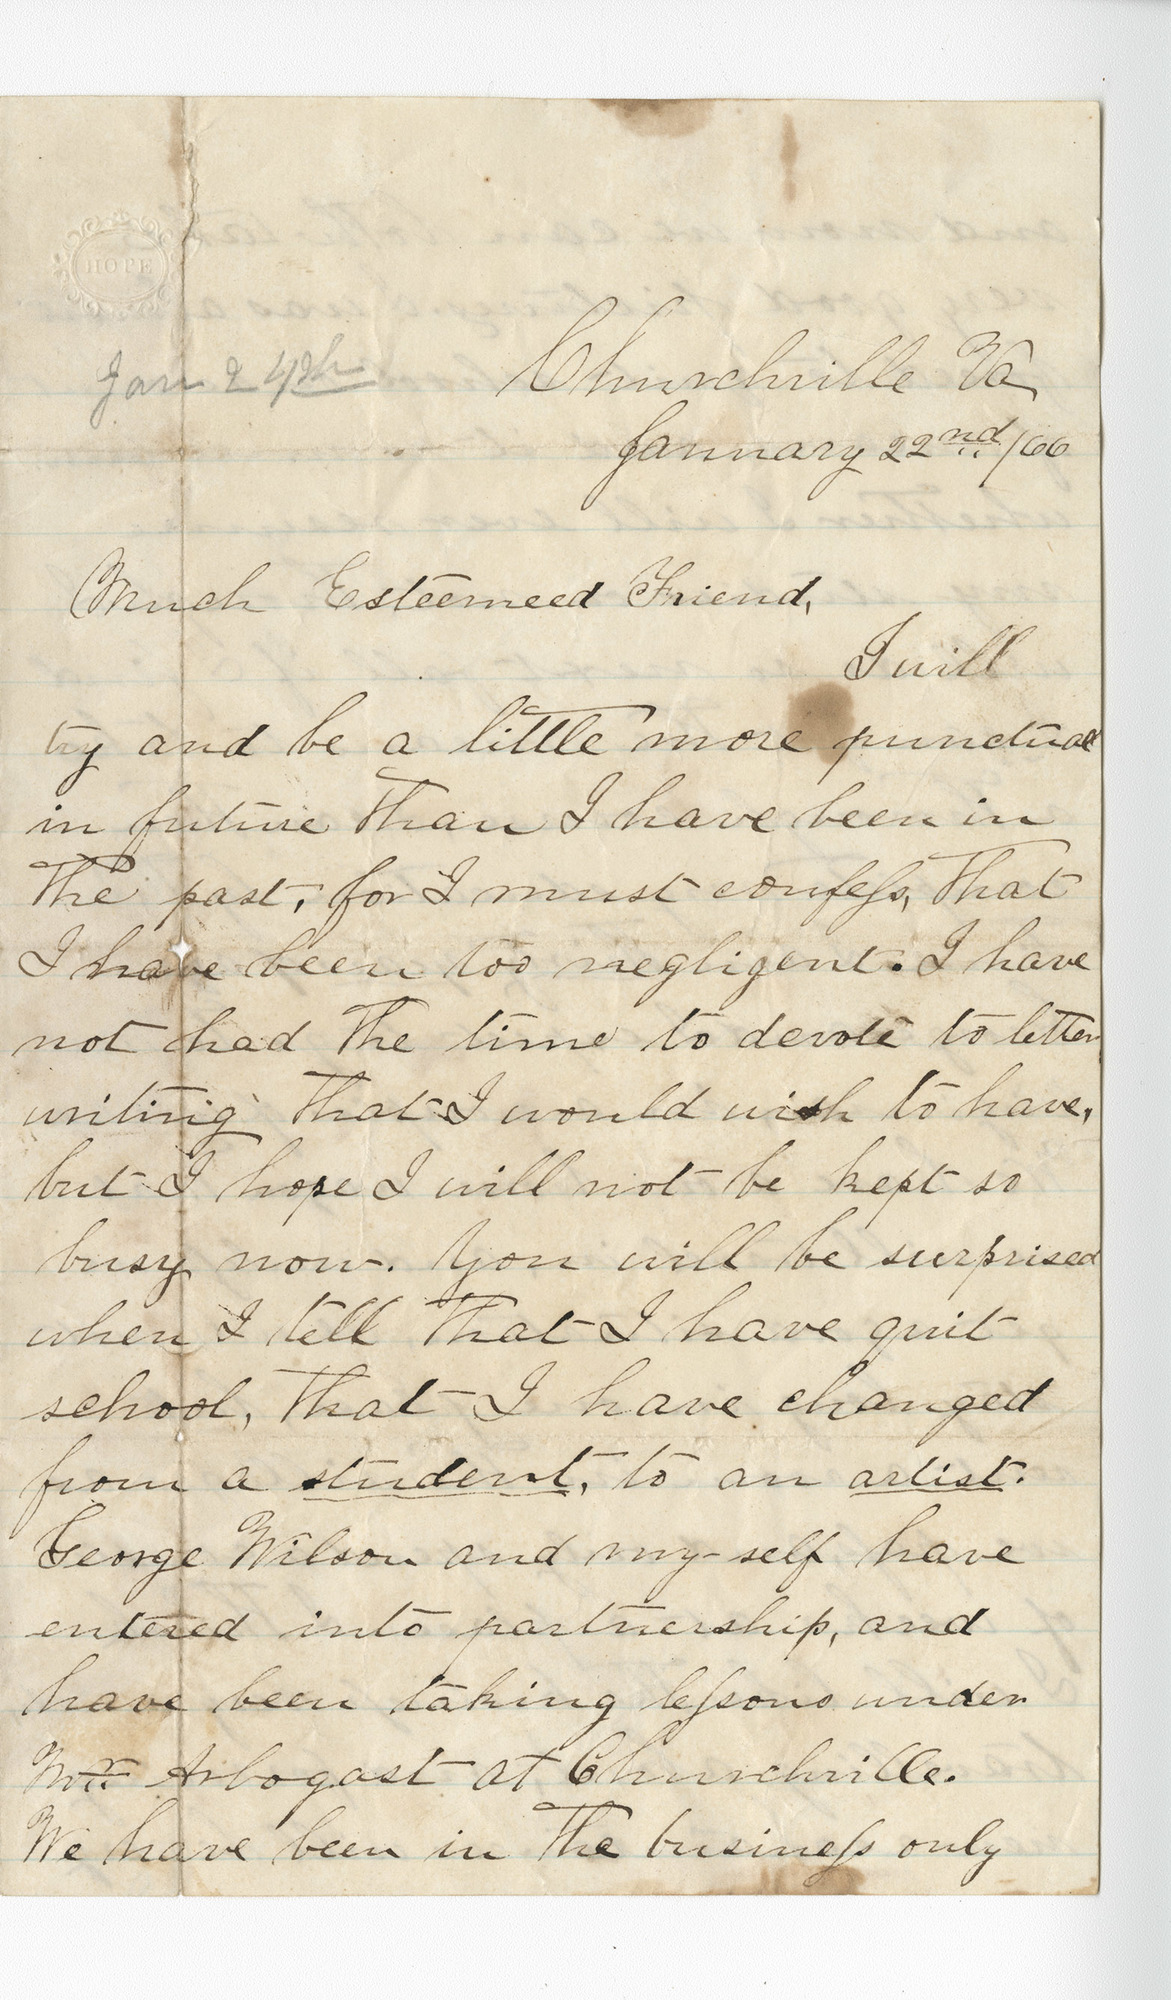 Ms2016-013_HeizerJames_Letter_1866_0122a.jpg